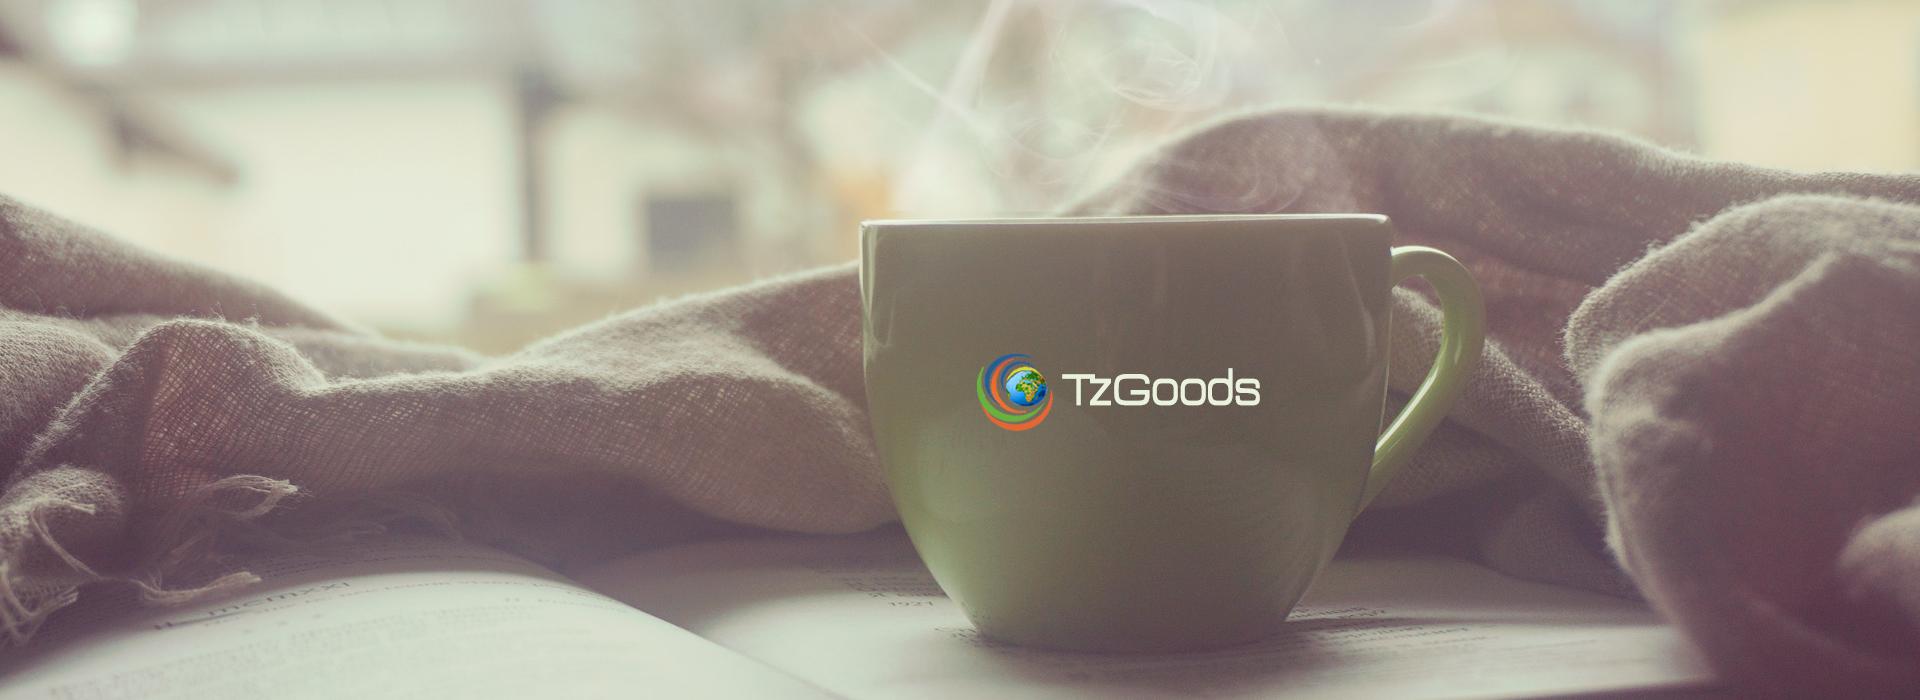 TzGoods.com Best Tea